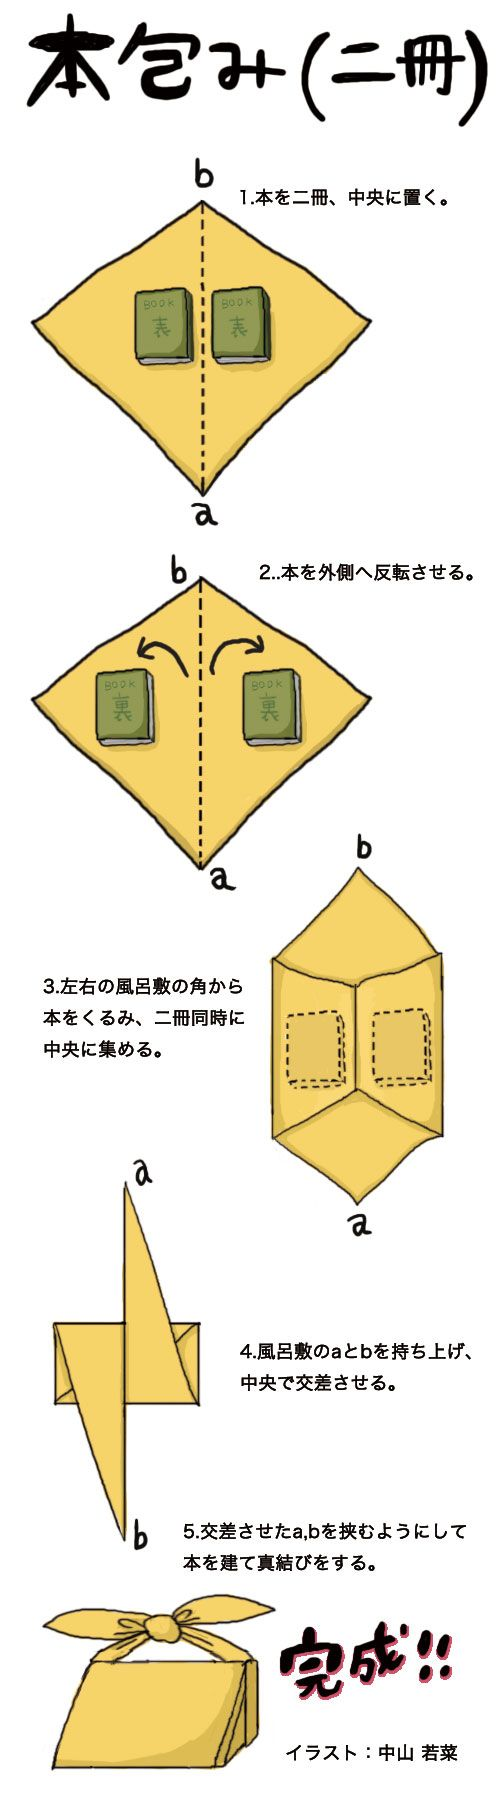 風呂敷 ふろしき 包み方 本つつみ(2冊)